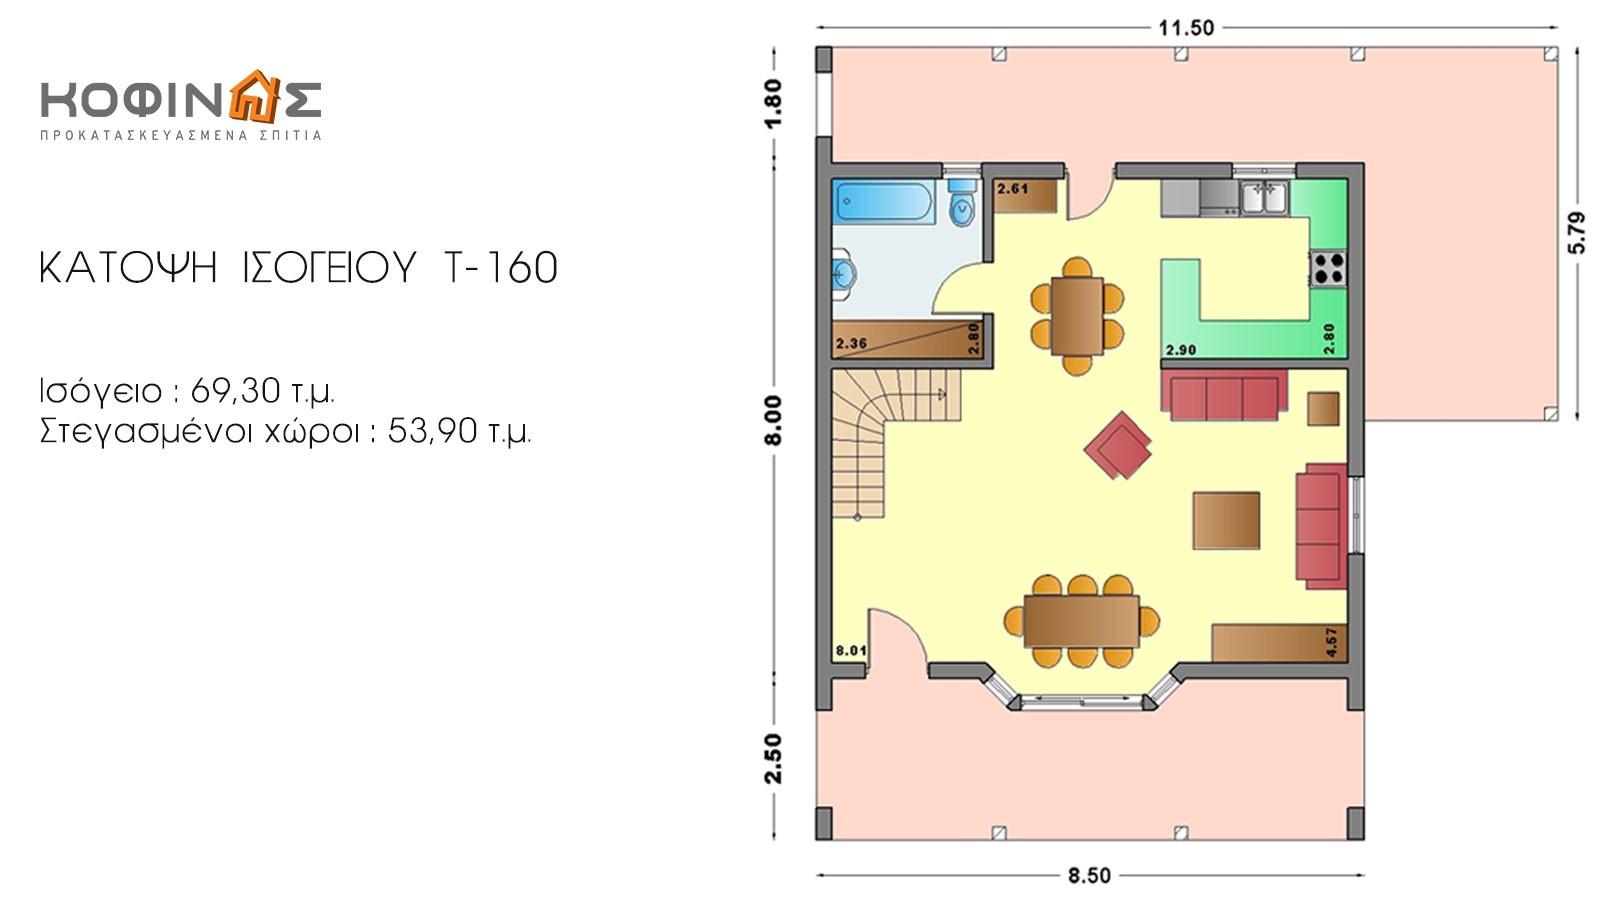 Τριώροφη Κατοικία T-160, συνολικής επιφάνειας 160,90 τ.μ.